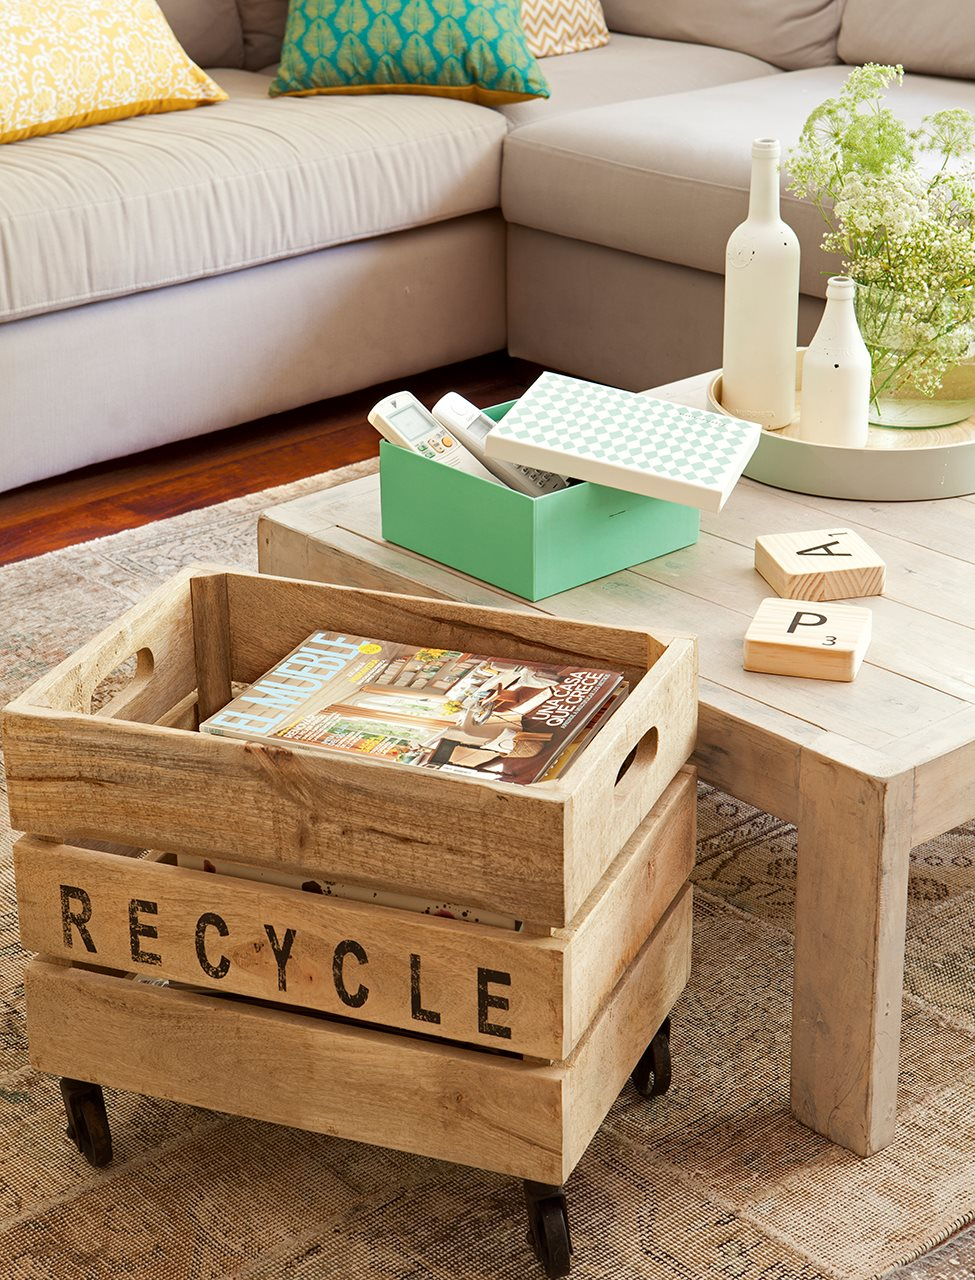 Mesa de centro y caja reciclada a modo de revistero